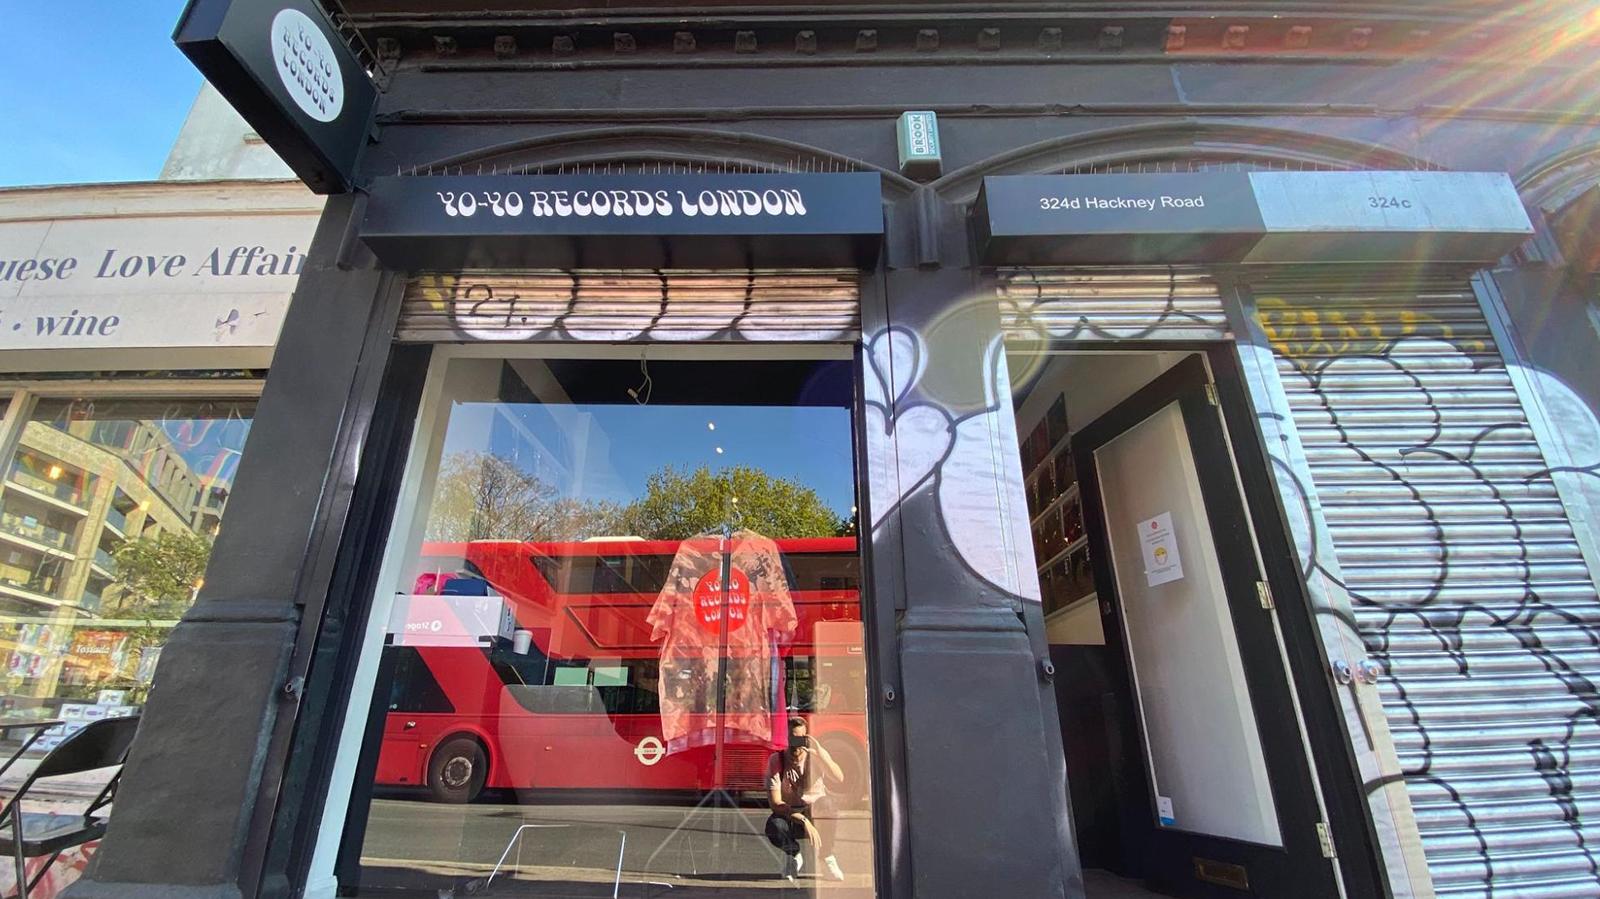 yoyo records record store london yo yo